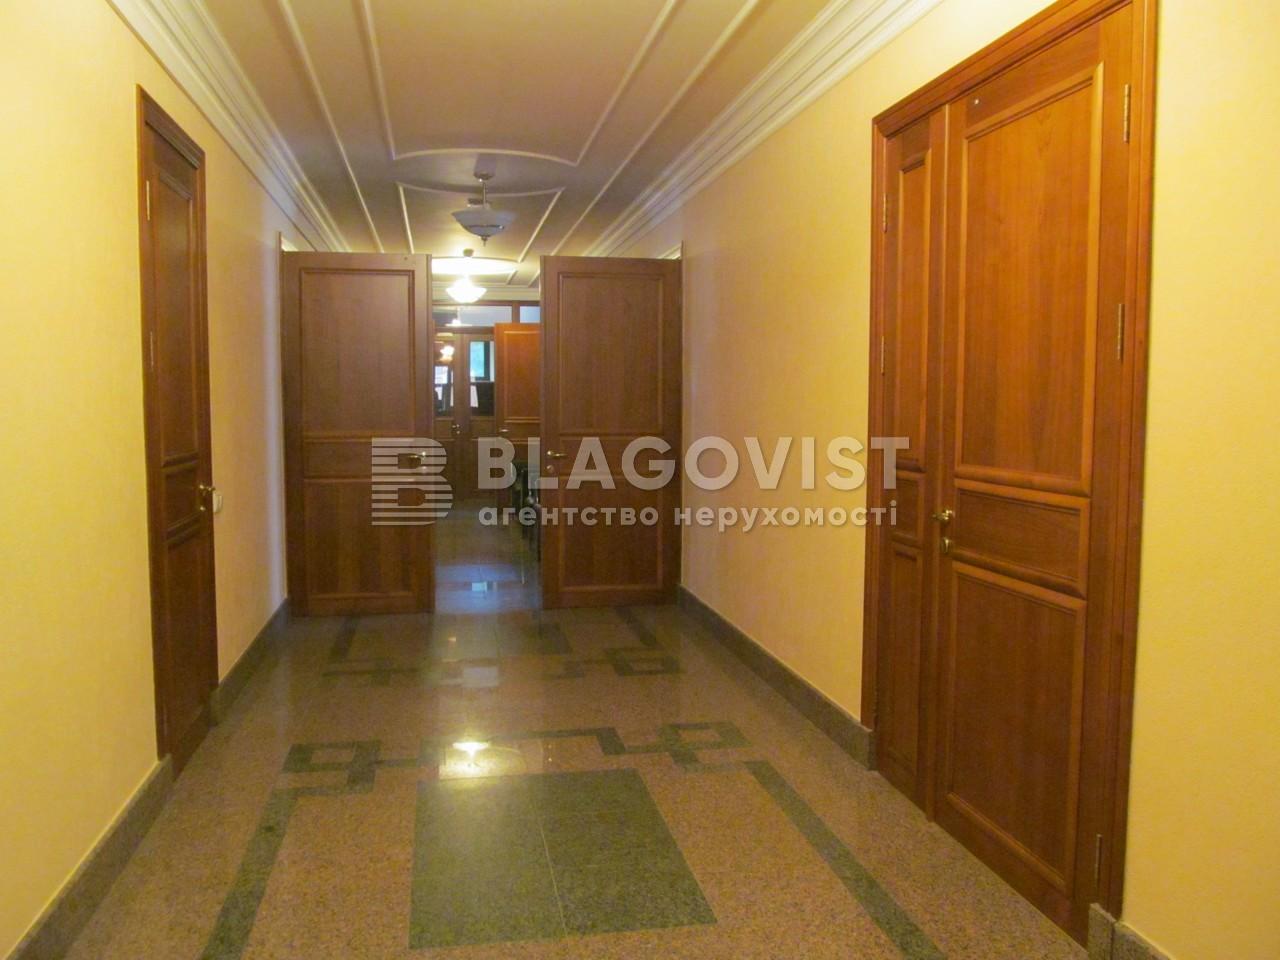 Нежилое помещение, H-34359, Липская, Киев - Фото 28